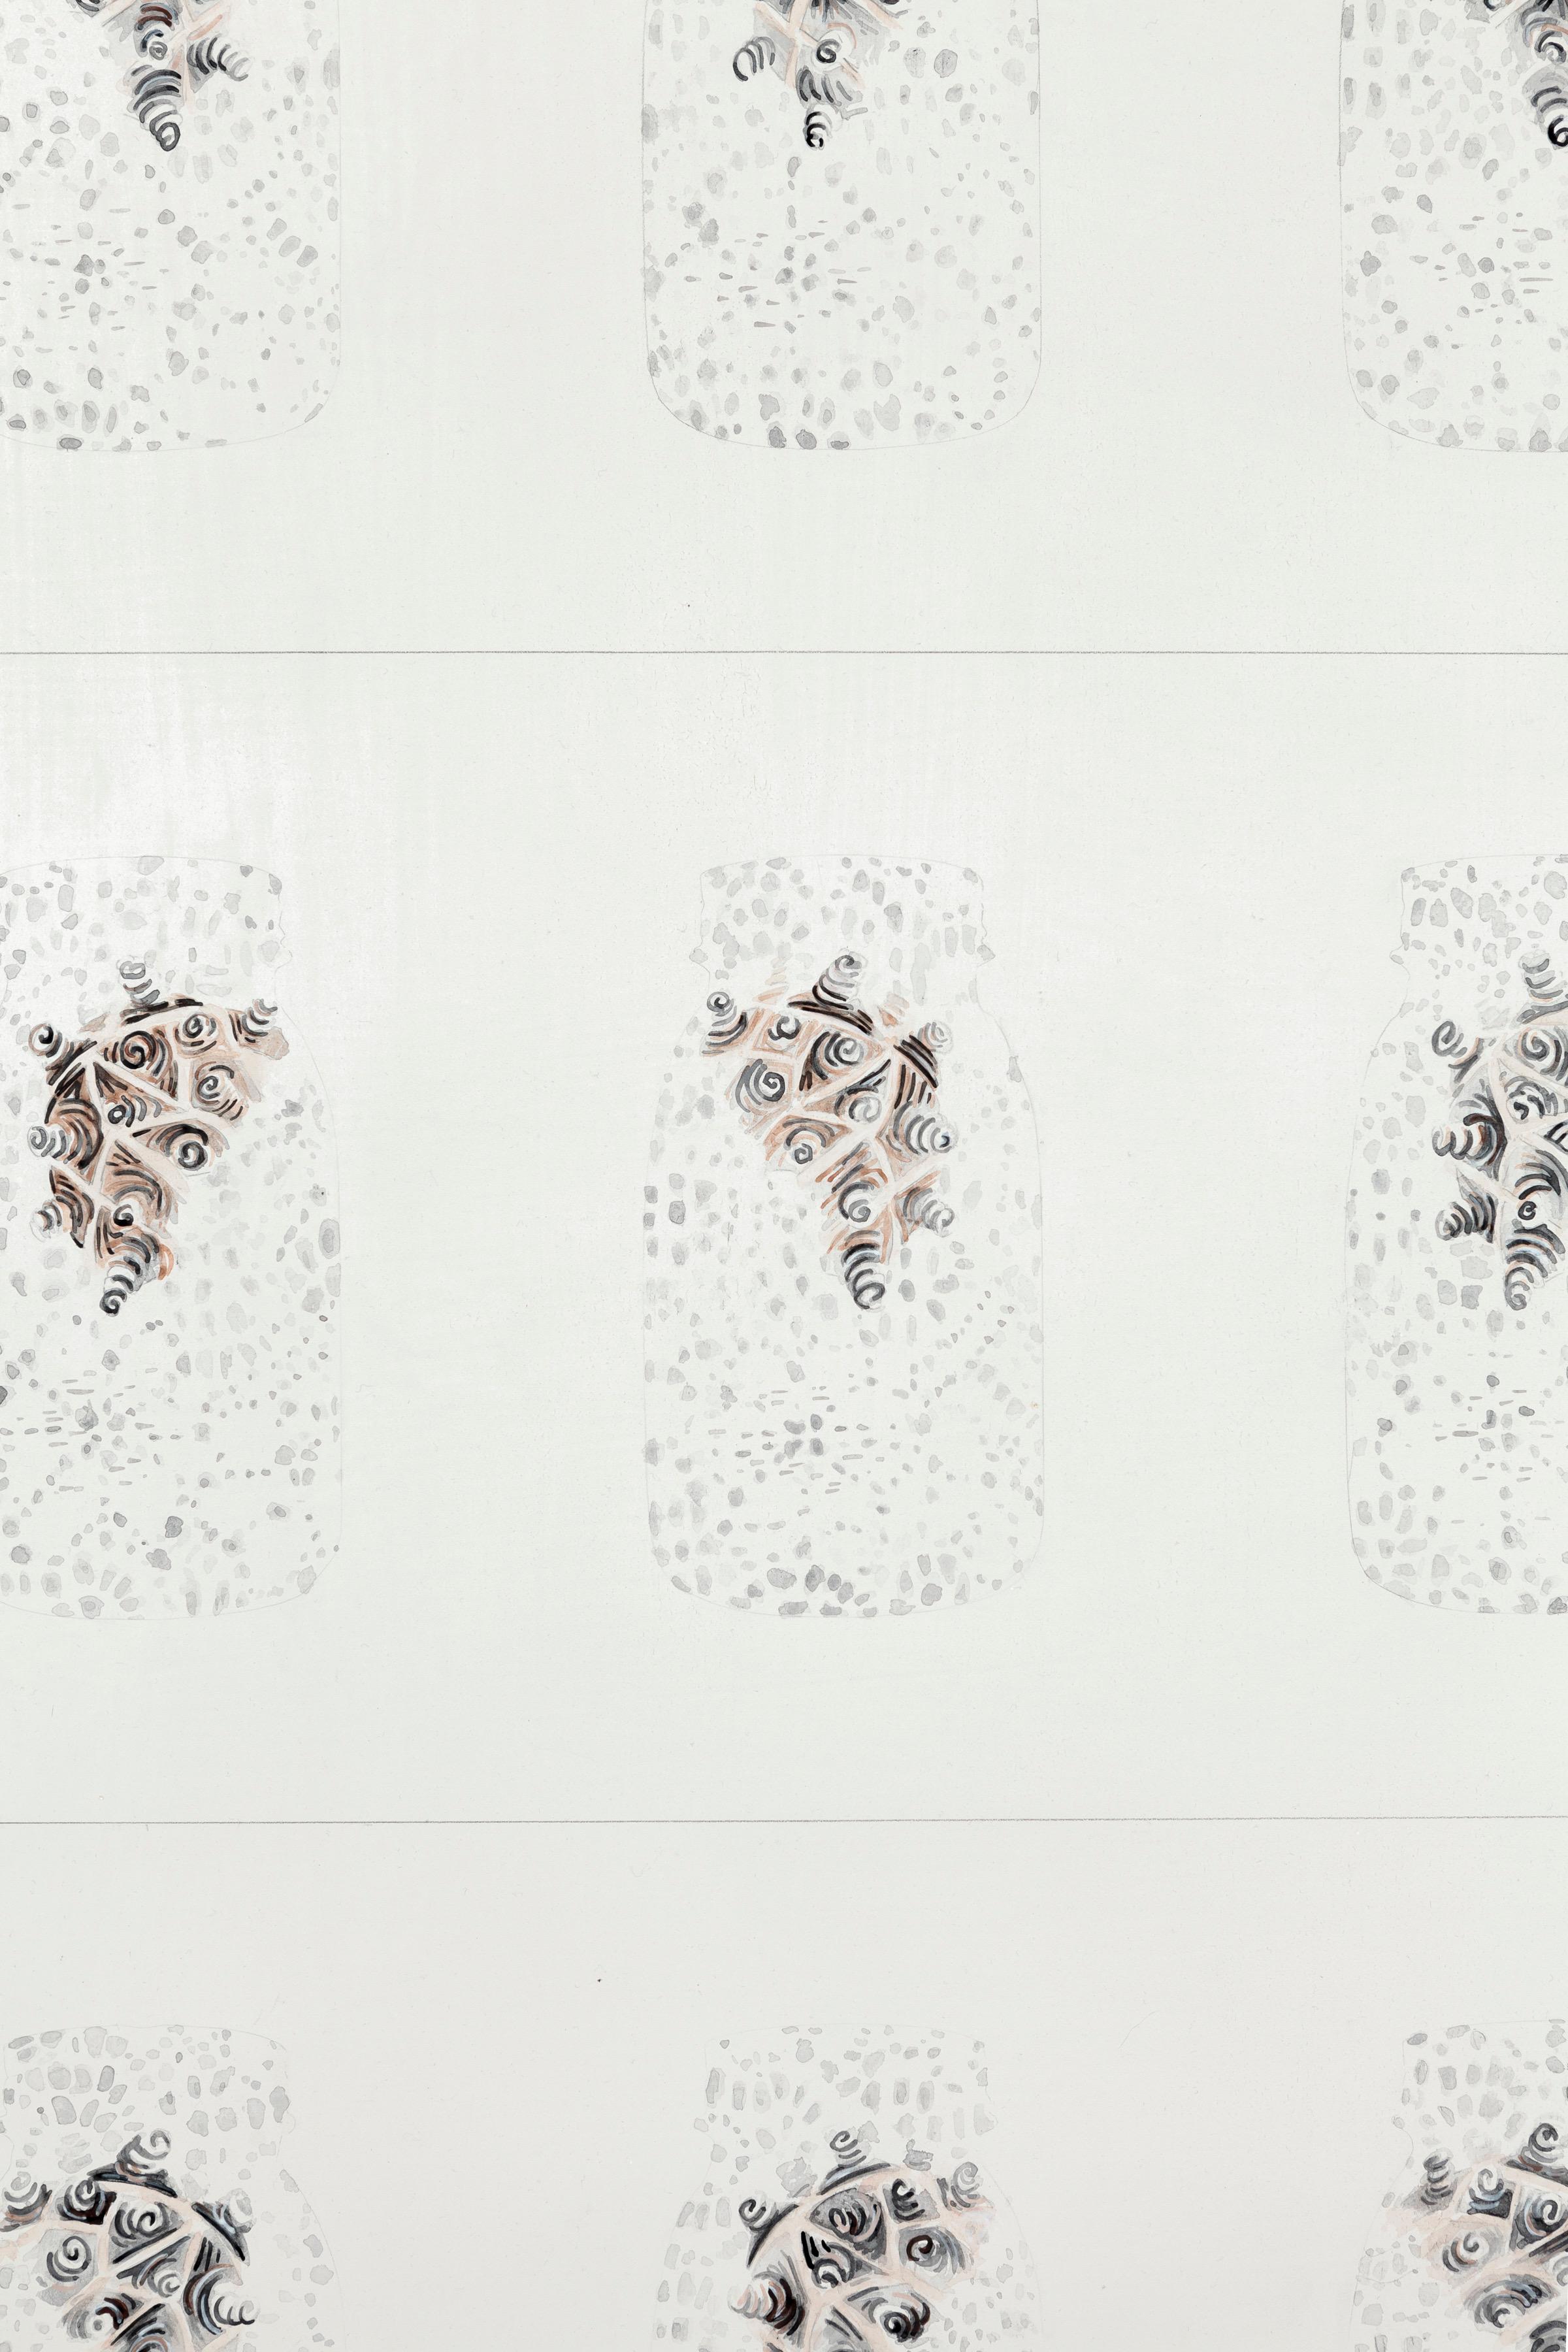 mattoon 14, 2014 (detail)  gouache, ink, graphite, absorbent ground on birch  36 x 36 inches